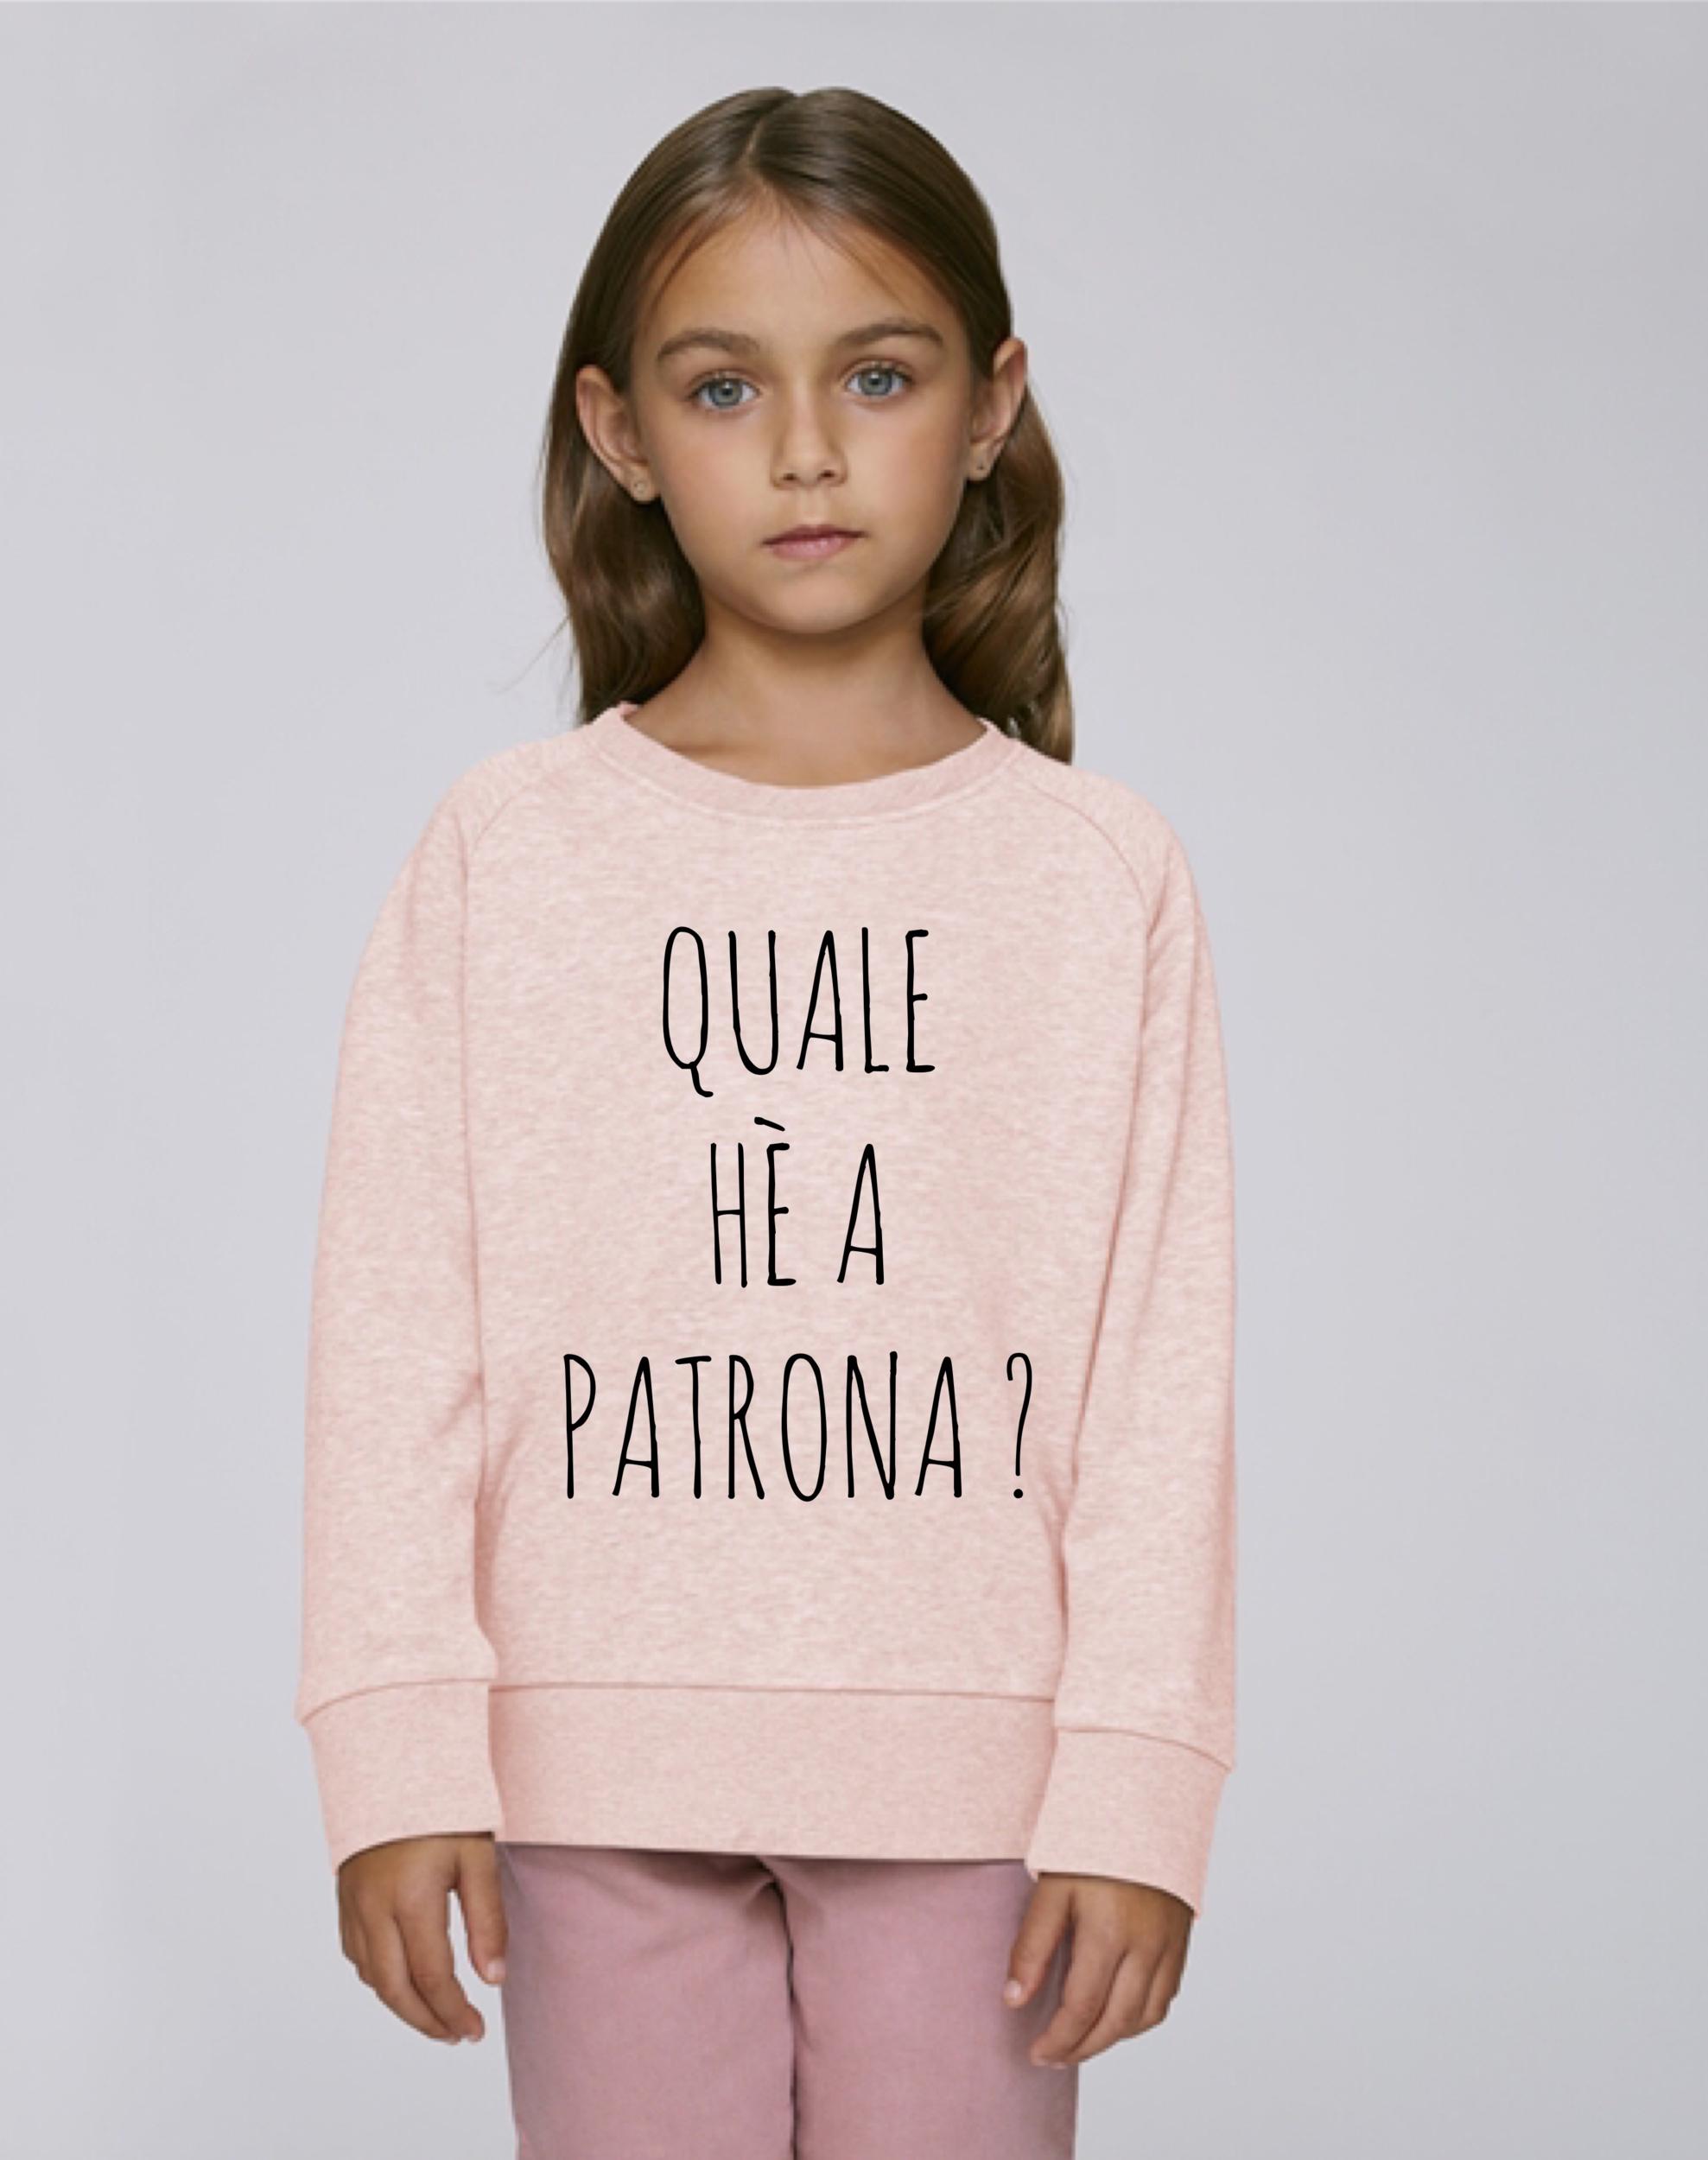 PATRONA